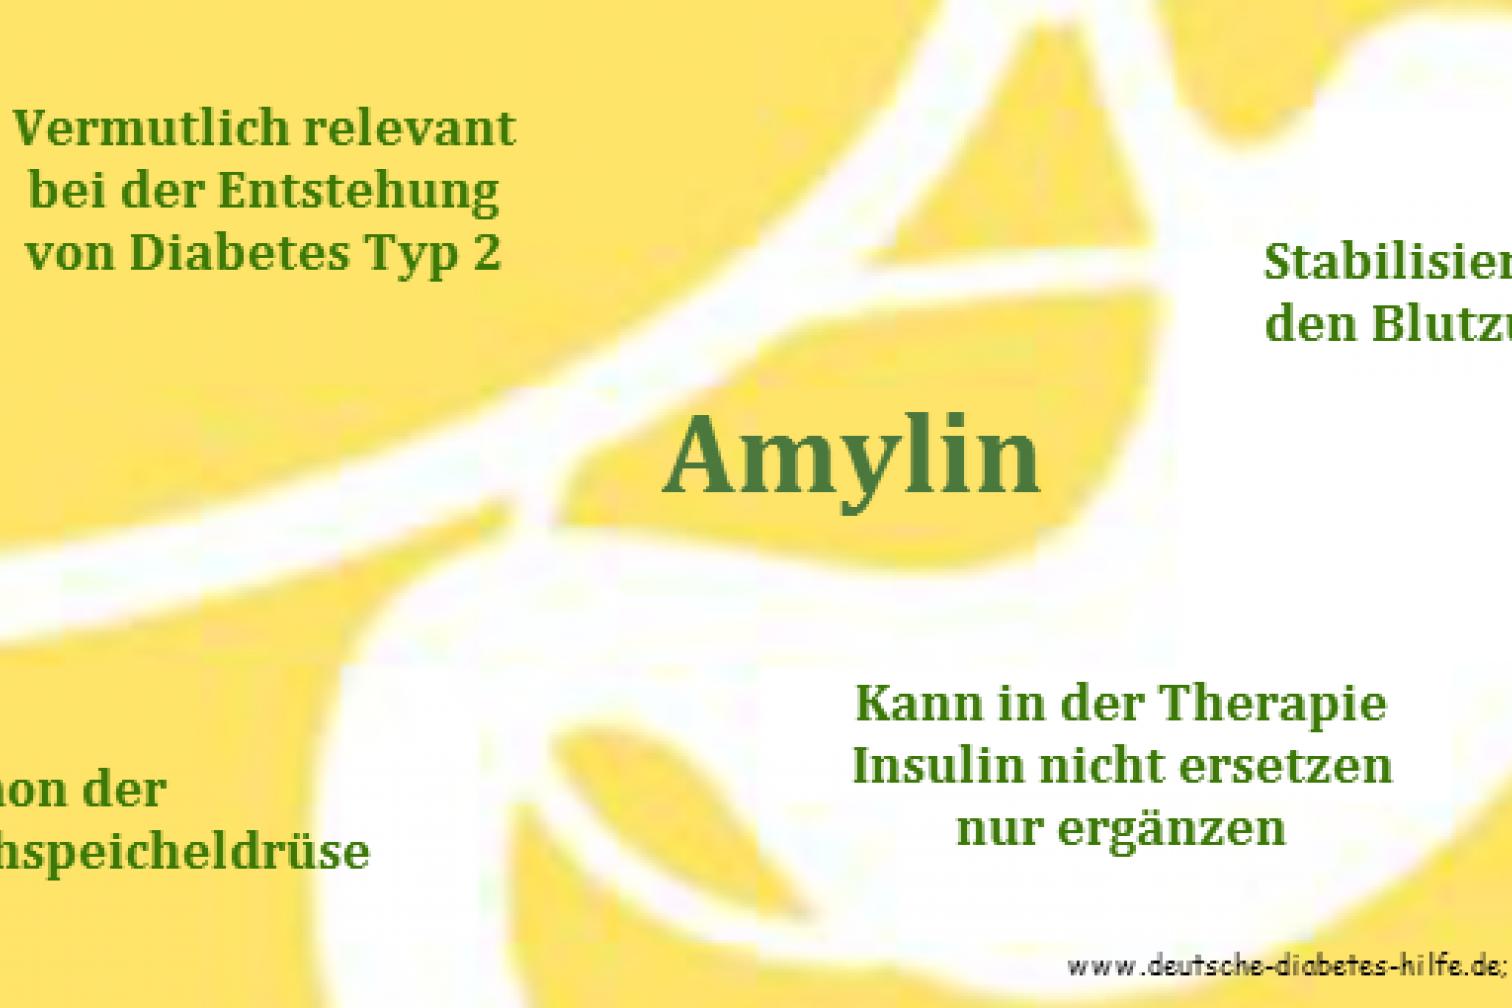 Amylin Schaubild